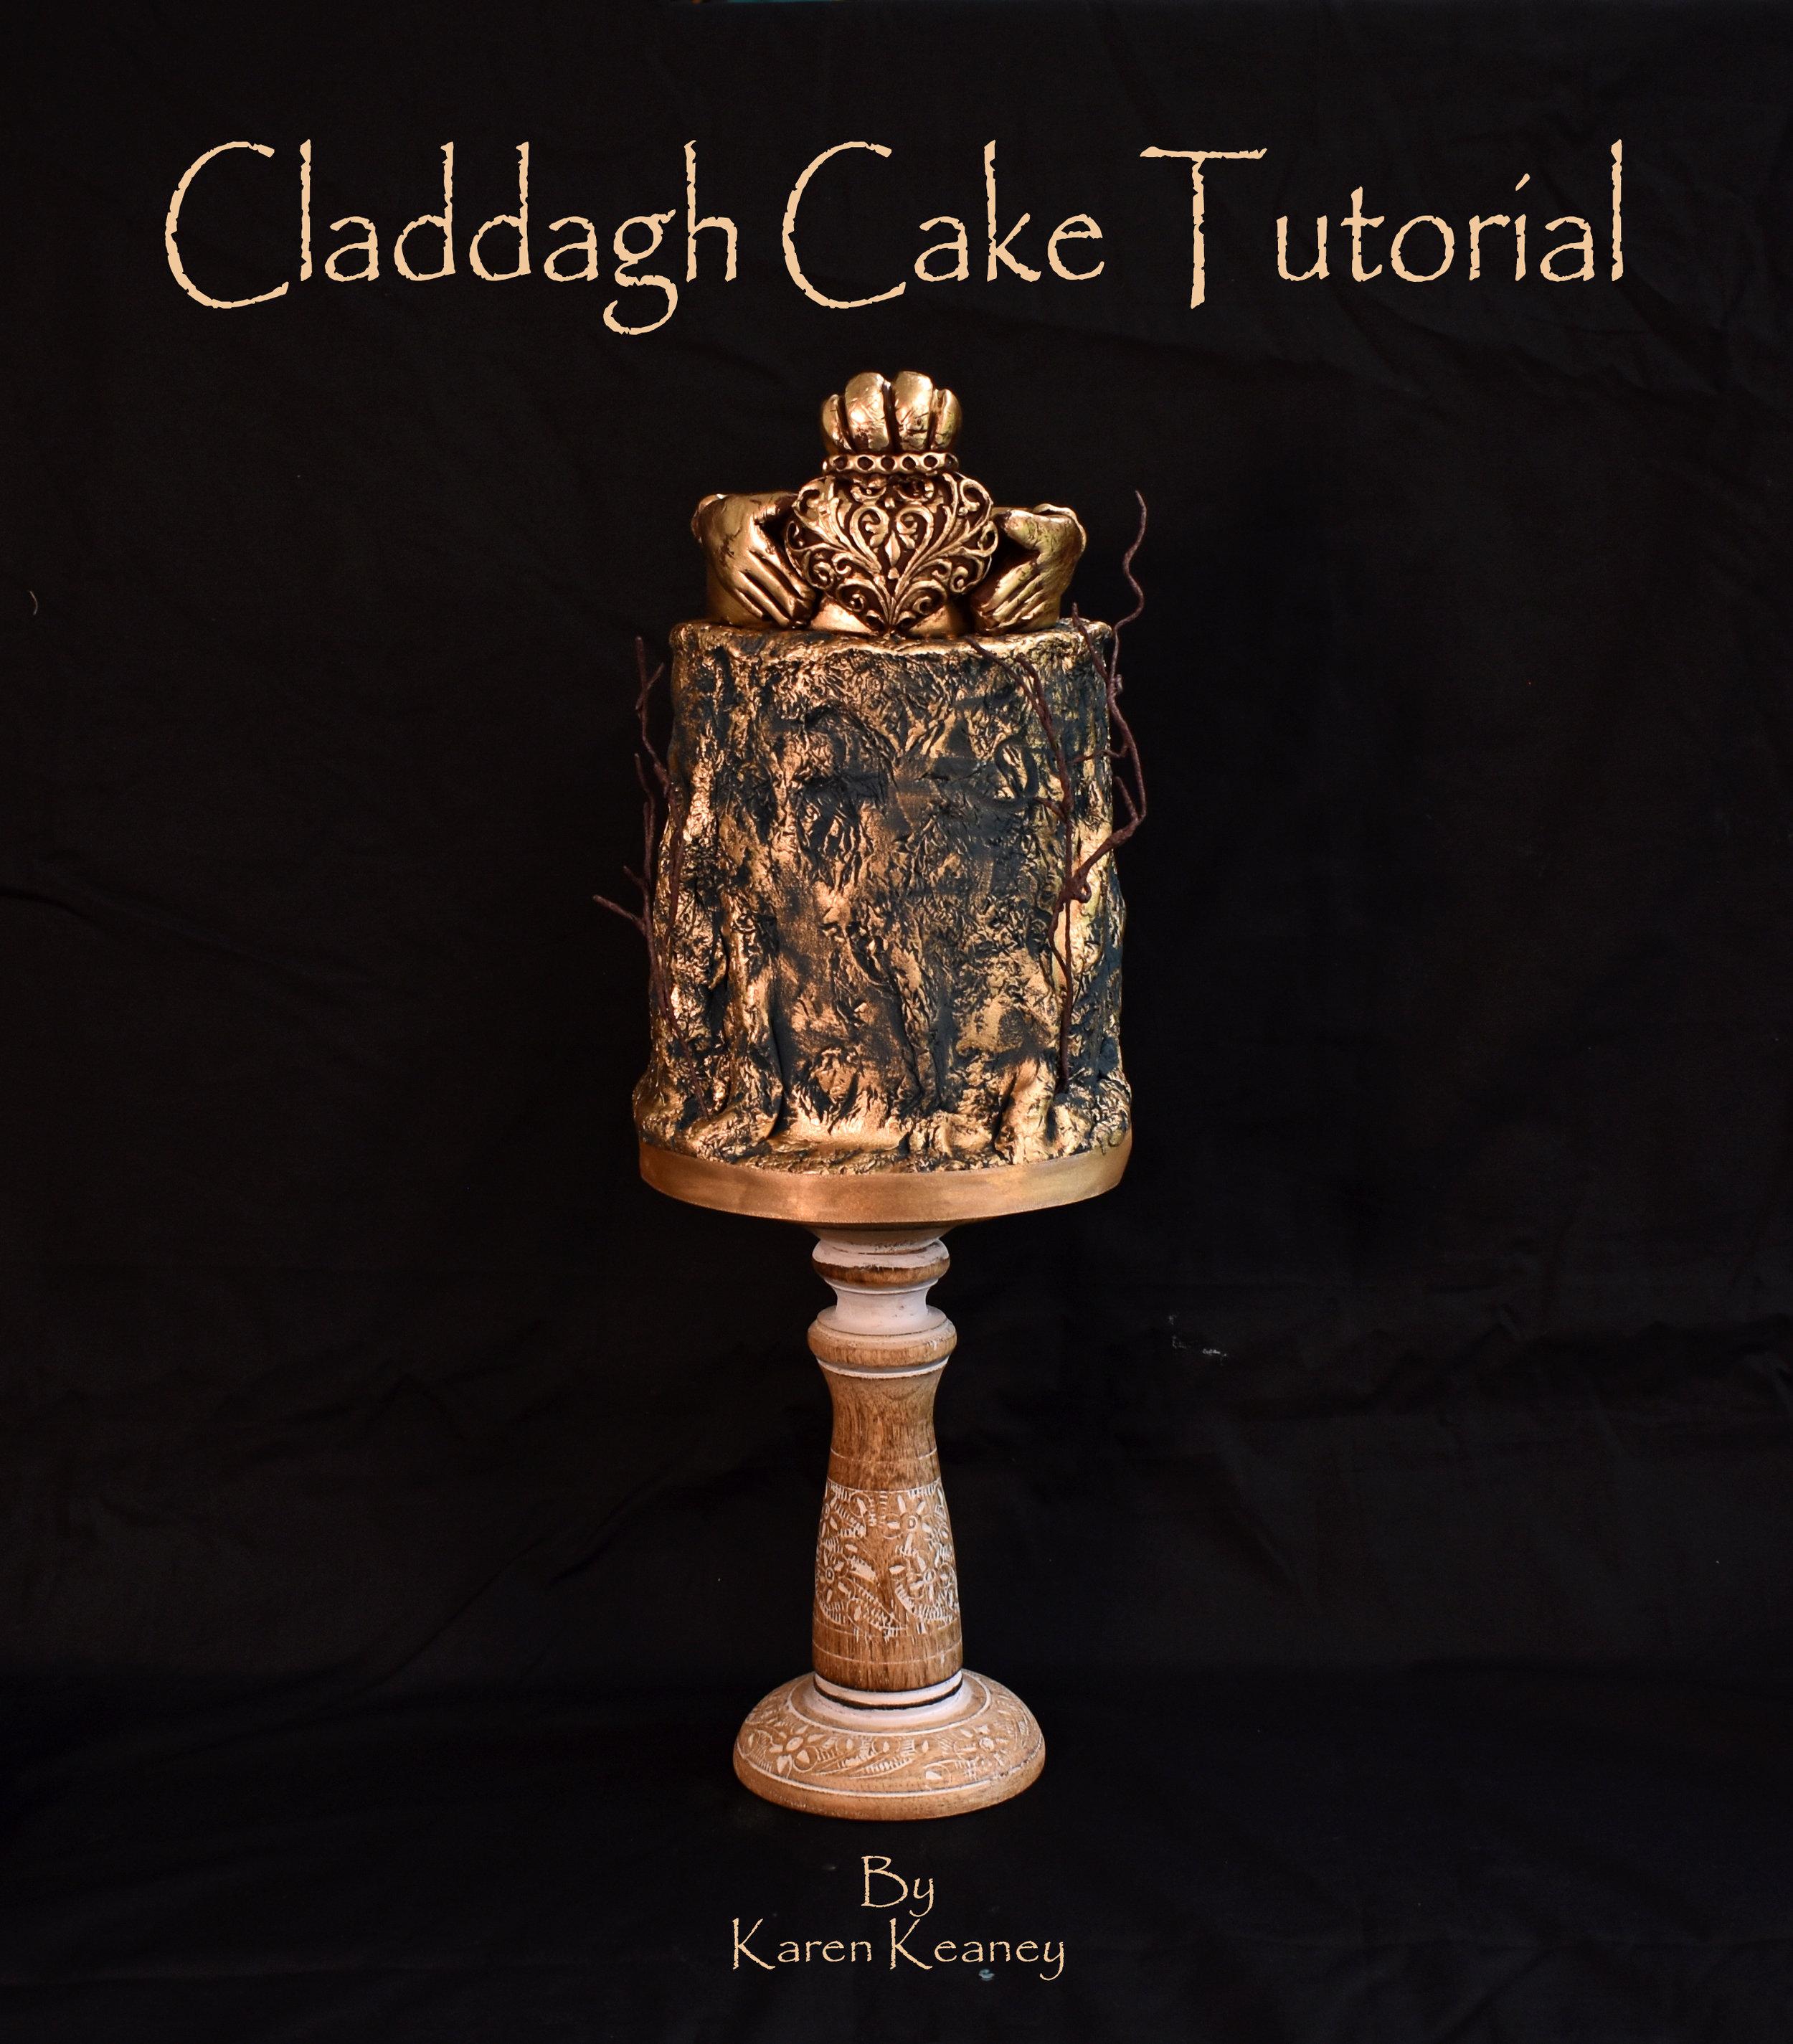 Claddagh Cake Tutorial